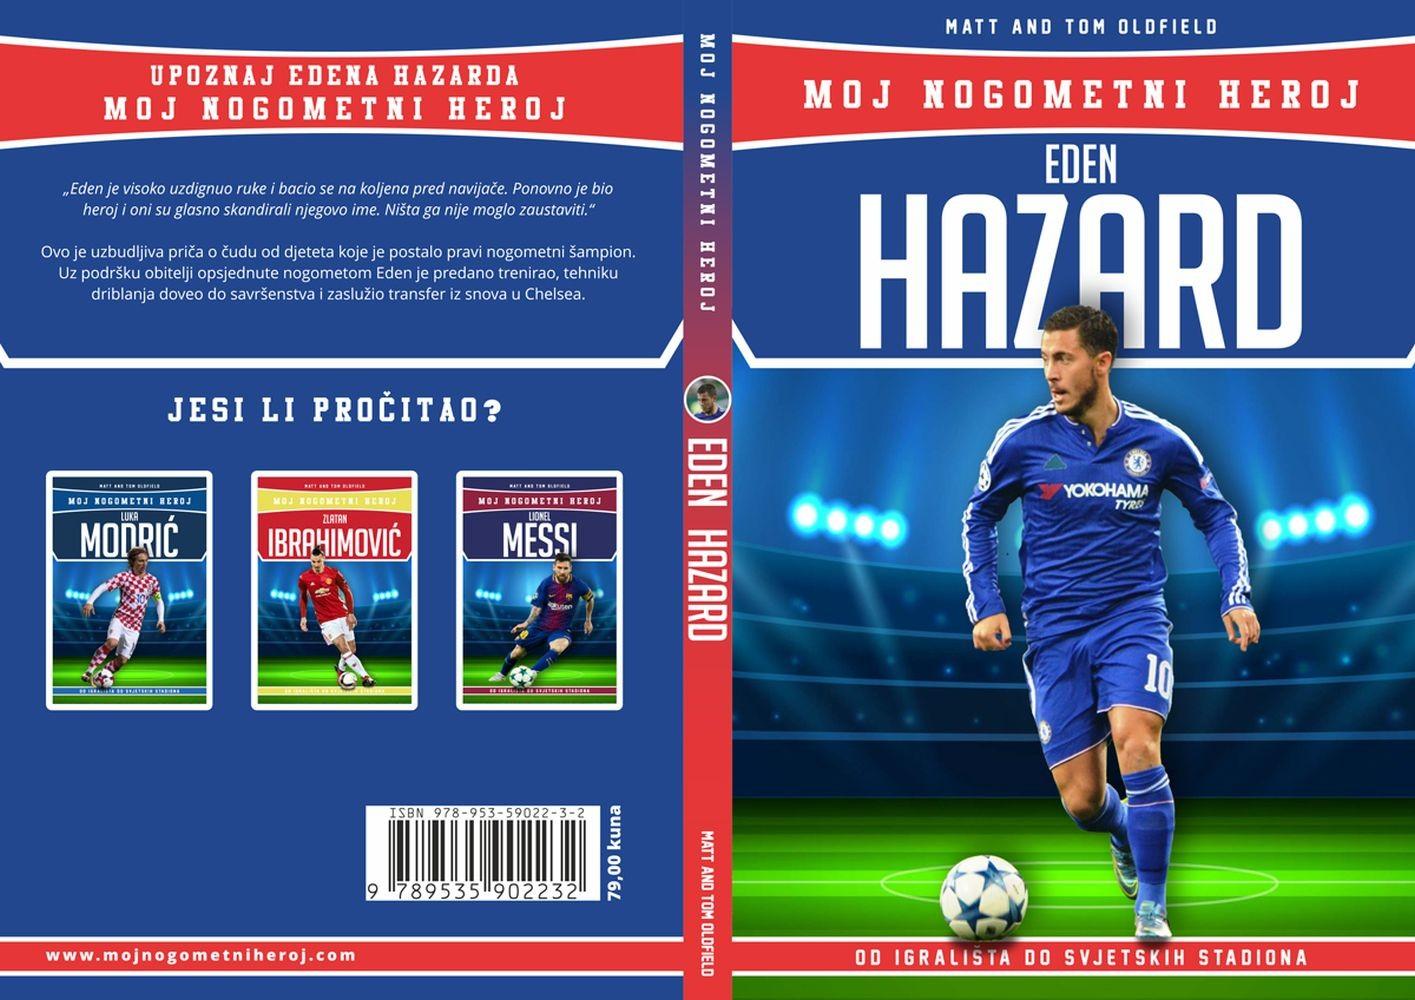 Eden Hazard - Moj nogometni heroj - biografija